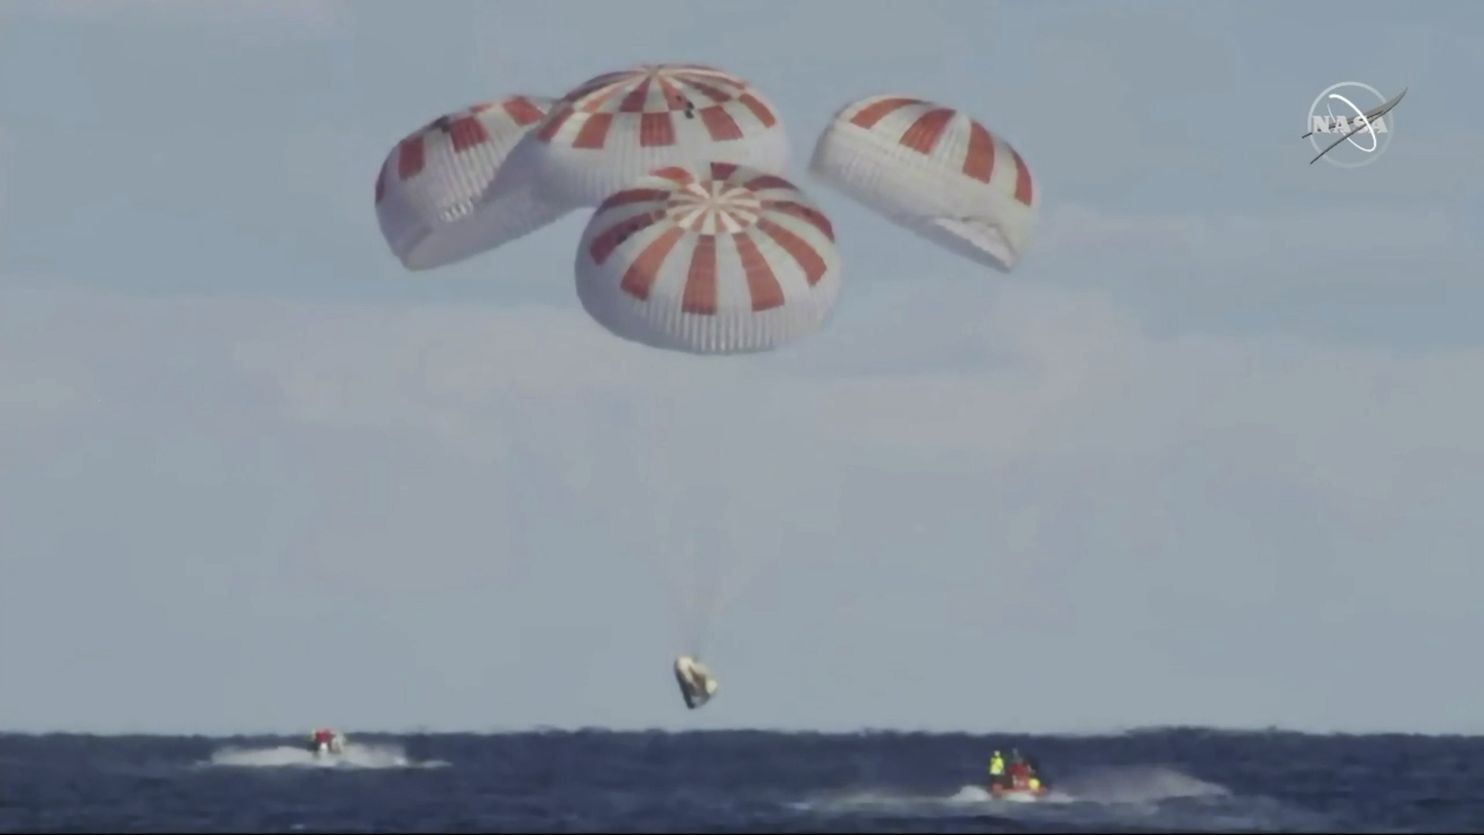 crew dragon spacex nasa pristala uspesne o krok blizsie vyslanie astronautov do vesmiru